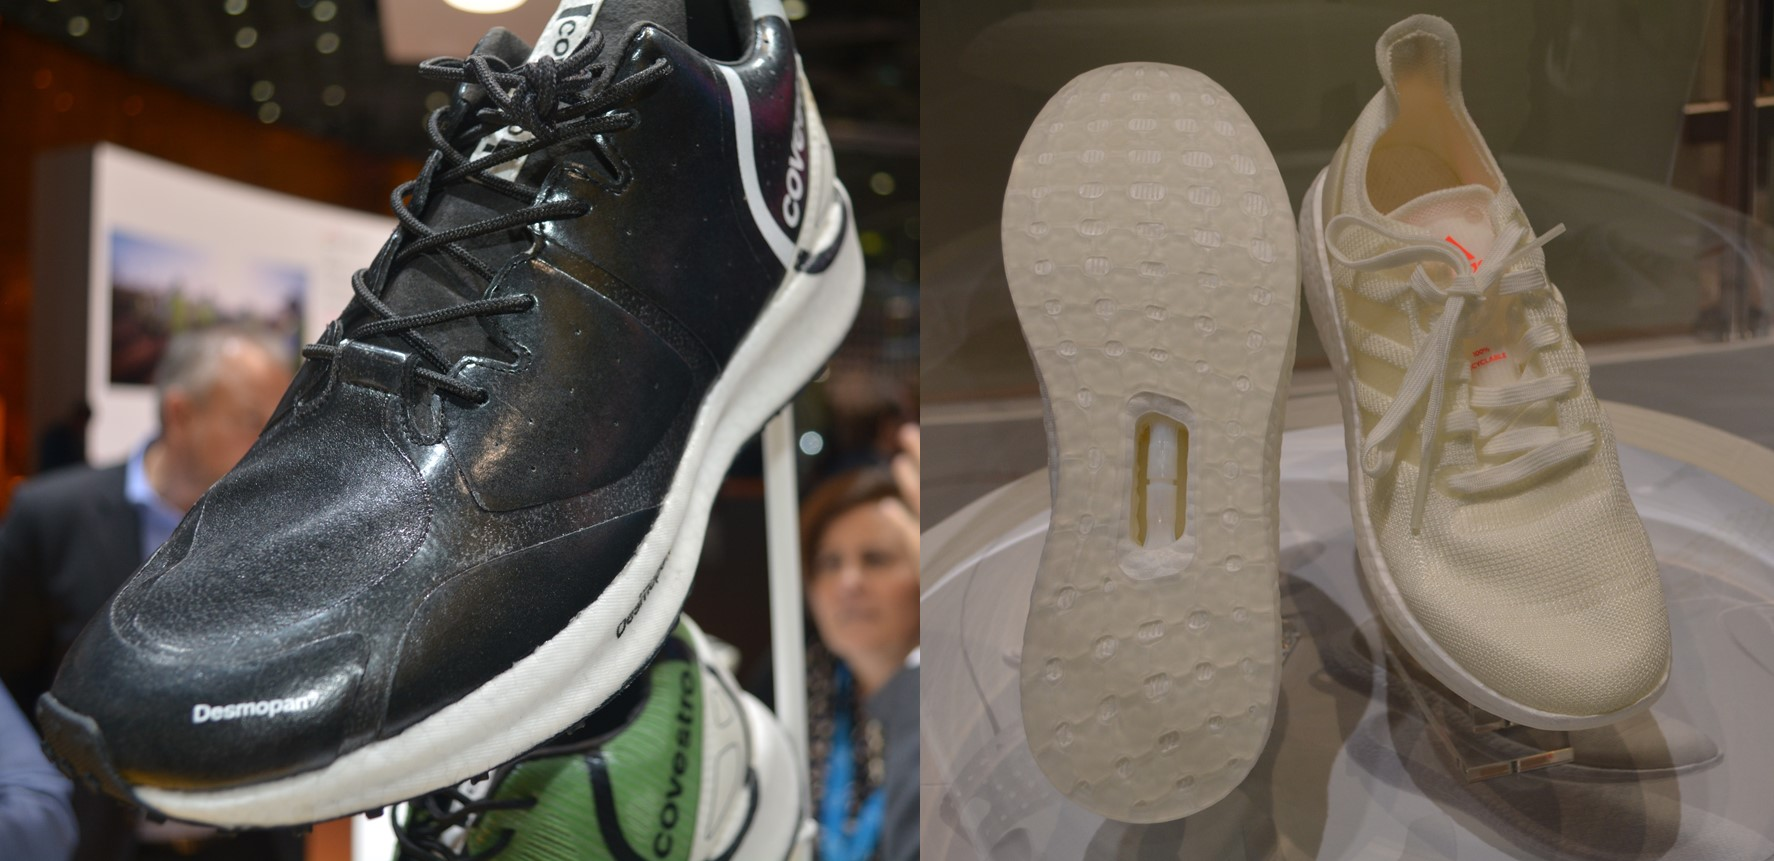 オールTPUのスポーツシューズ 左:covestroブースの展示、右:BASFブースの展示